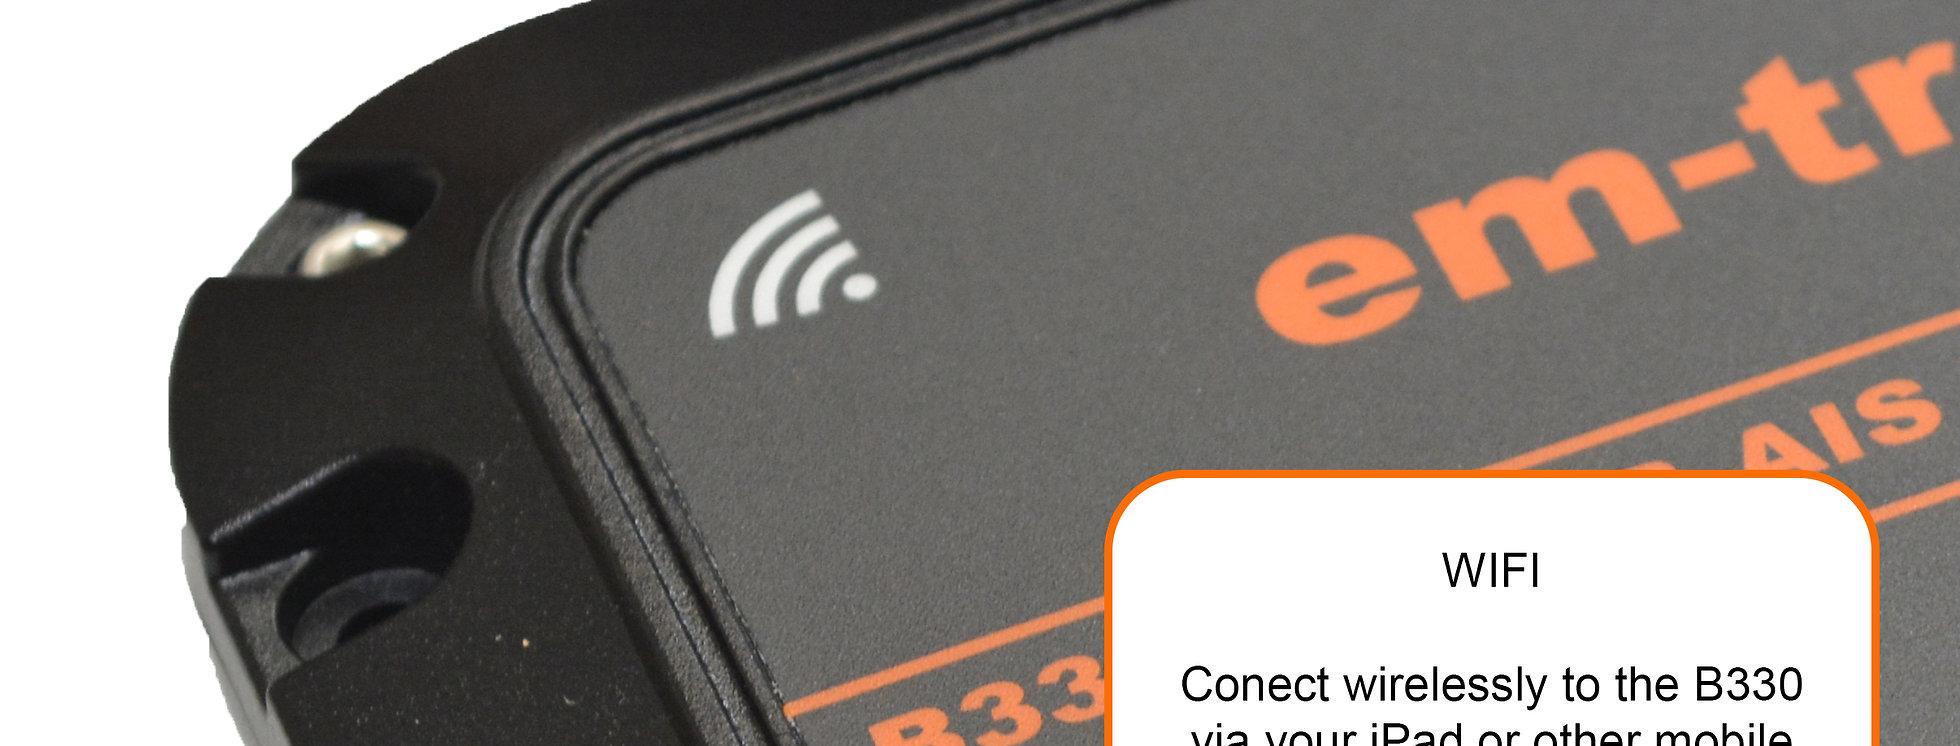 Ais Receiver Wifi